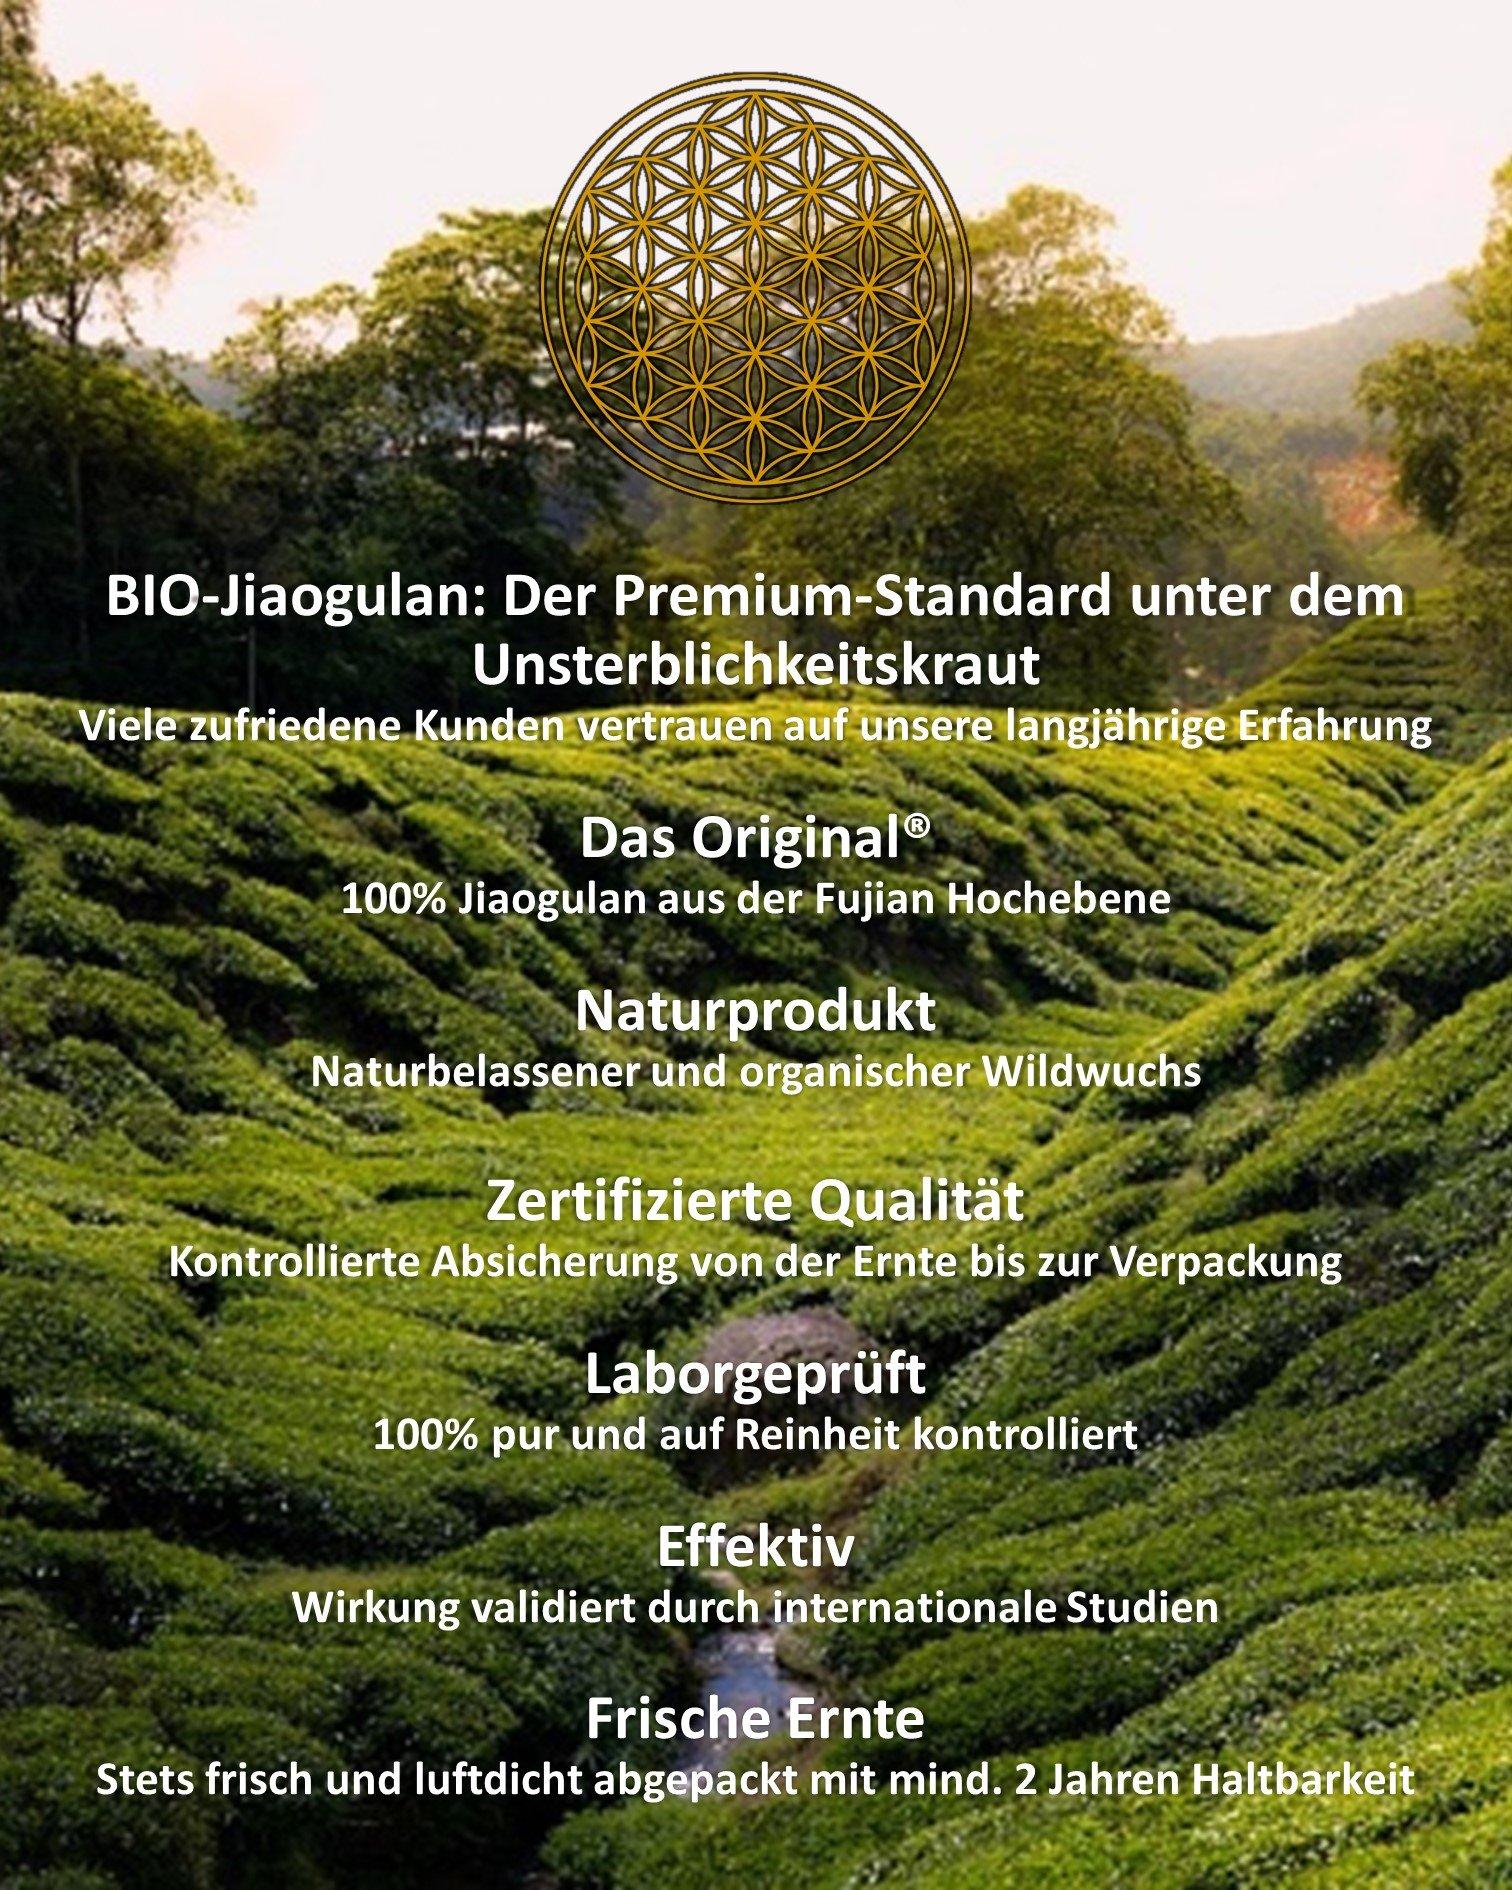 JIAOGULAN-Unsterblichkeitskraut-Natrliche-Wildsammlung-Ganze-Bltter-TOP-Qualitt-vom-Original-GMP-ISO-9001-zertifiziert-100-rein-frisch-laborgeprft-schonend-getrocknet-100g